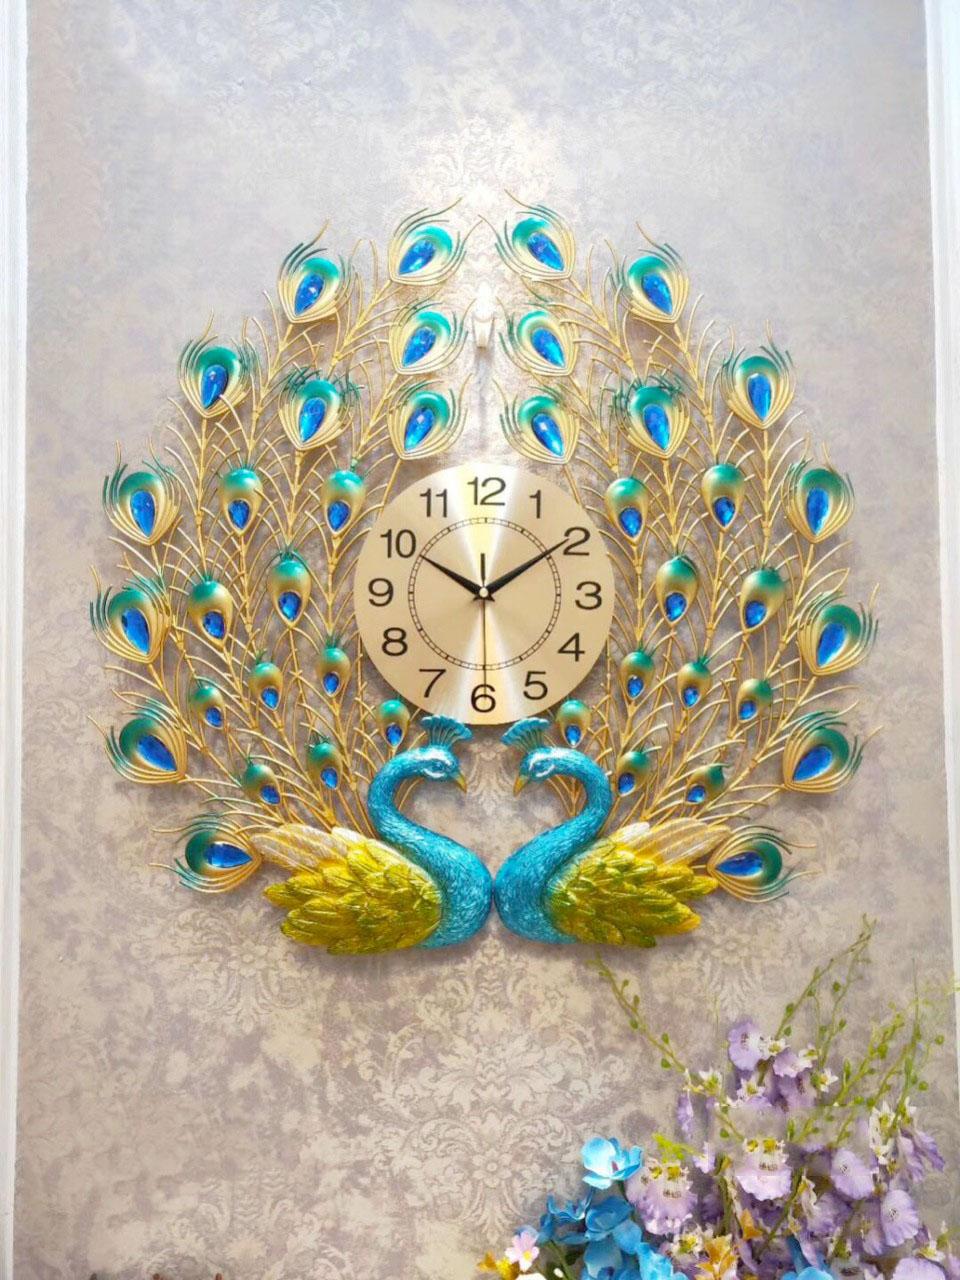 Đồng hồ trang trí chim công CY5 Đồng hồ treo tường Đồng hồ trang trí